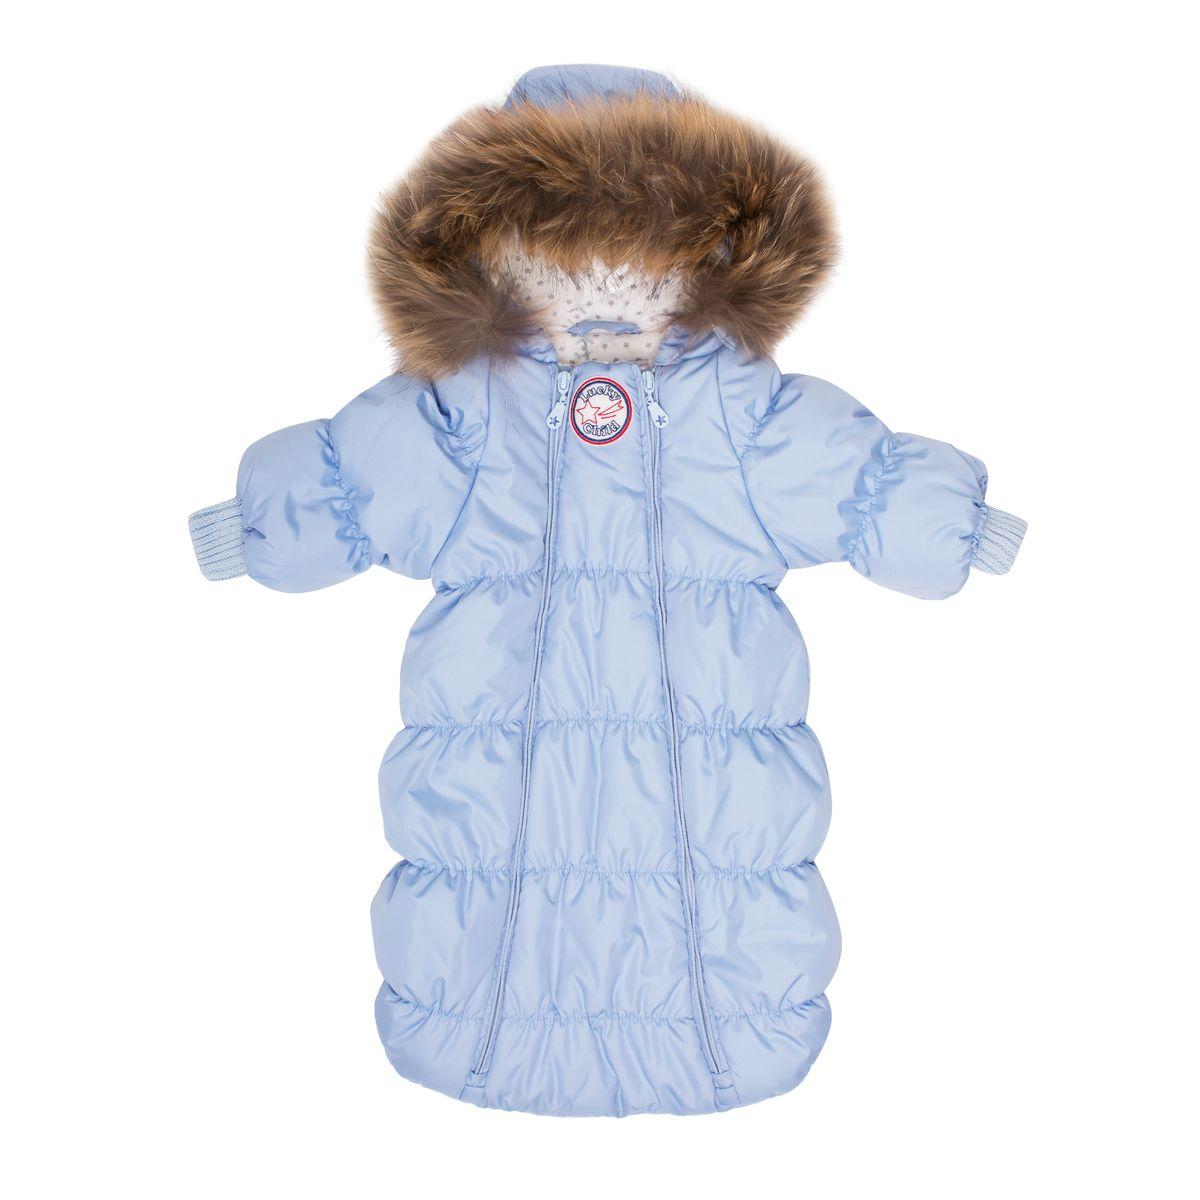 Комбинезон утепленныйВ1-1Если вы ожидаете появления малыша этой зимой, то первая вещь, которая вам понадобится, - это уютный комбинезон-конверт. Благодаря лёгкому и тёплому наполнителю Isosoft, он согреет Вашего кроху во время зимних прогулок. Трикотажная подкладка из 100% хлопка с воздухопроницаемыми и водоотводными свойствами не позволит ему вспотеть, даже если малыш проспит на улице три часа. Ручки младенца можно легко спрятать в отворачивающуюся варежку. Капюшон оторочен натуральным мехом енота, внутри натуральная ткань. Удобная двойная молния позволяет легко одеть и раздеть ребёнка или просто поменять подгузник и продолжить прогулку до -30°С.